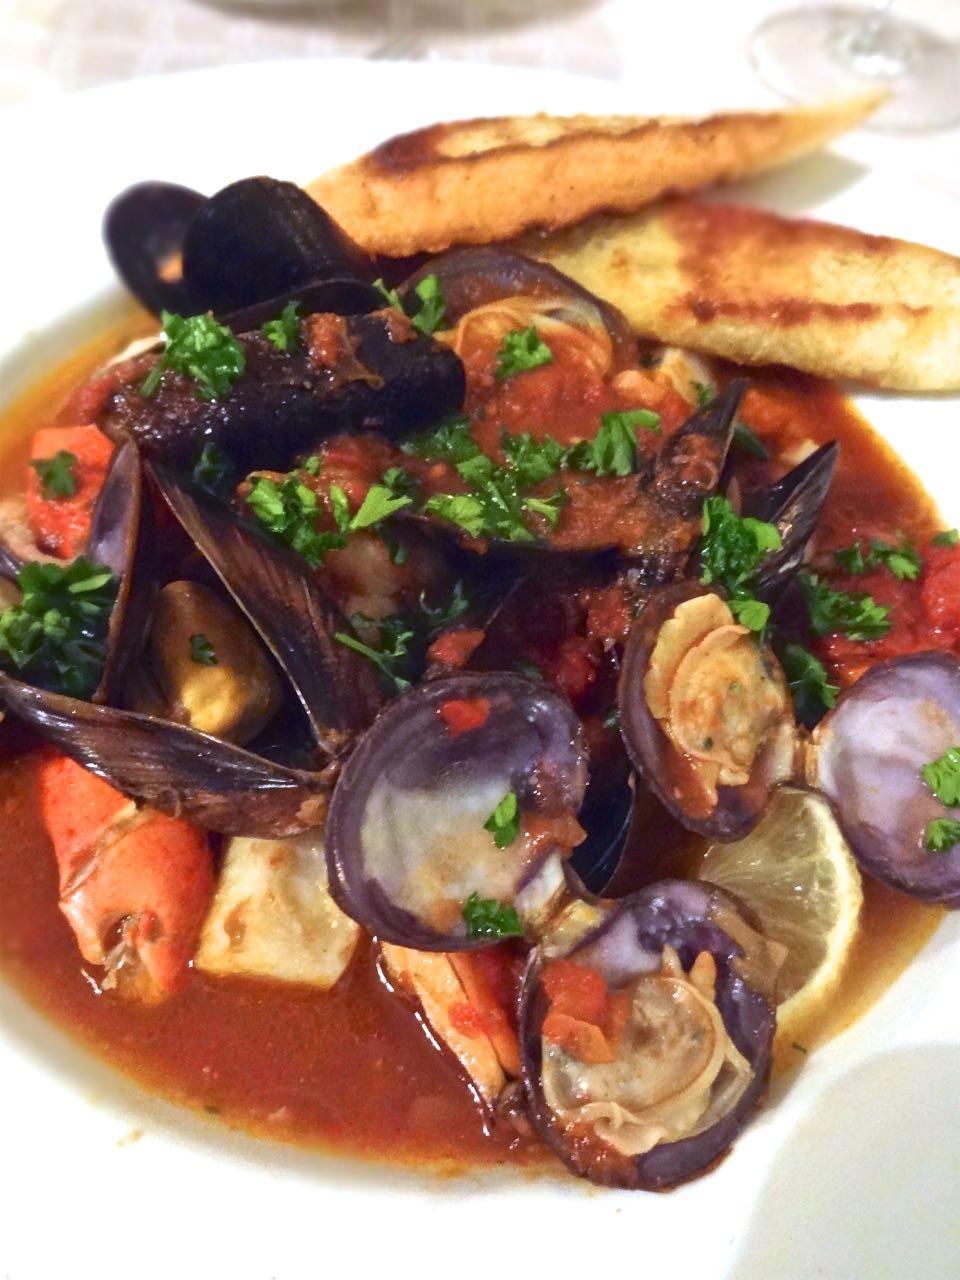 recipe: zuppa de pesce near me [22]